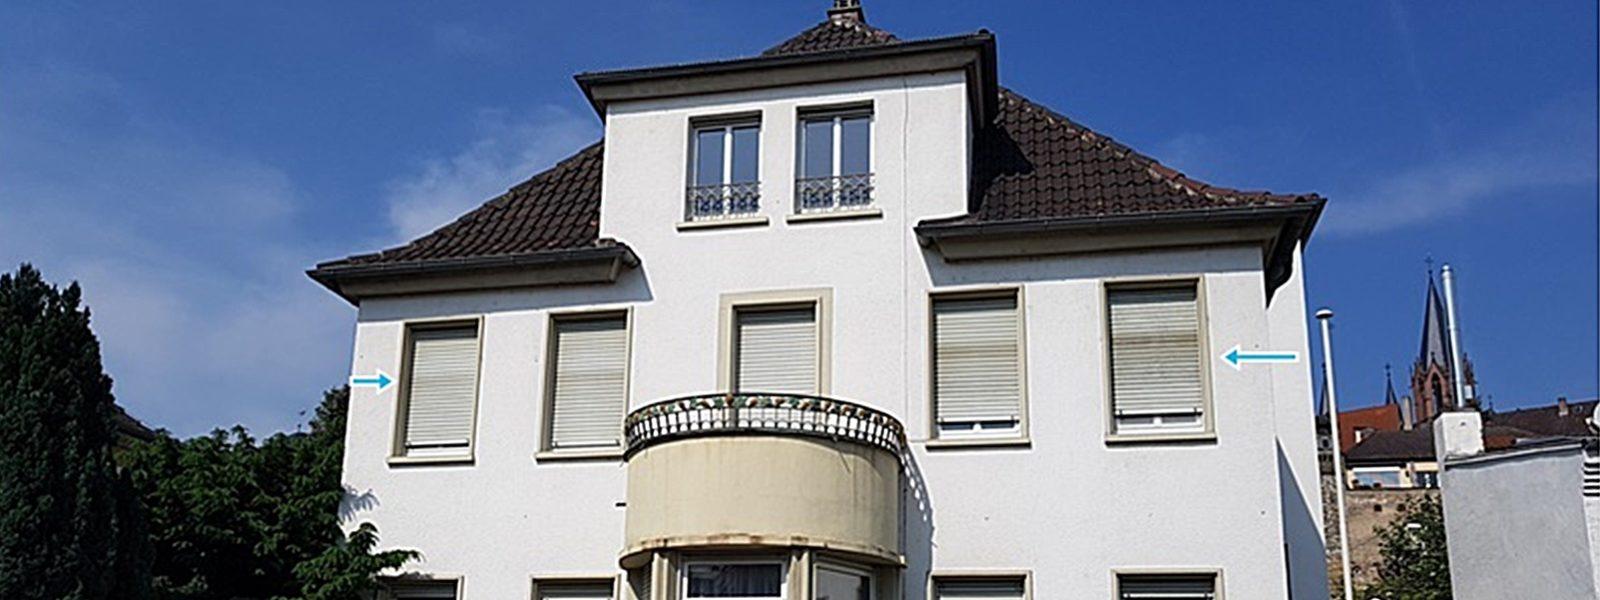 Schönes 1 Zi Apart. inkl. EBK und gr. Küche sowie kl. Balkon im 1.OG gelegen––kleine Wohneinheit–